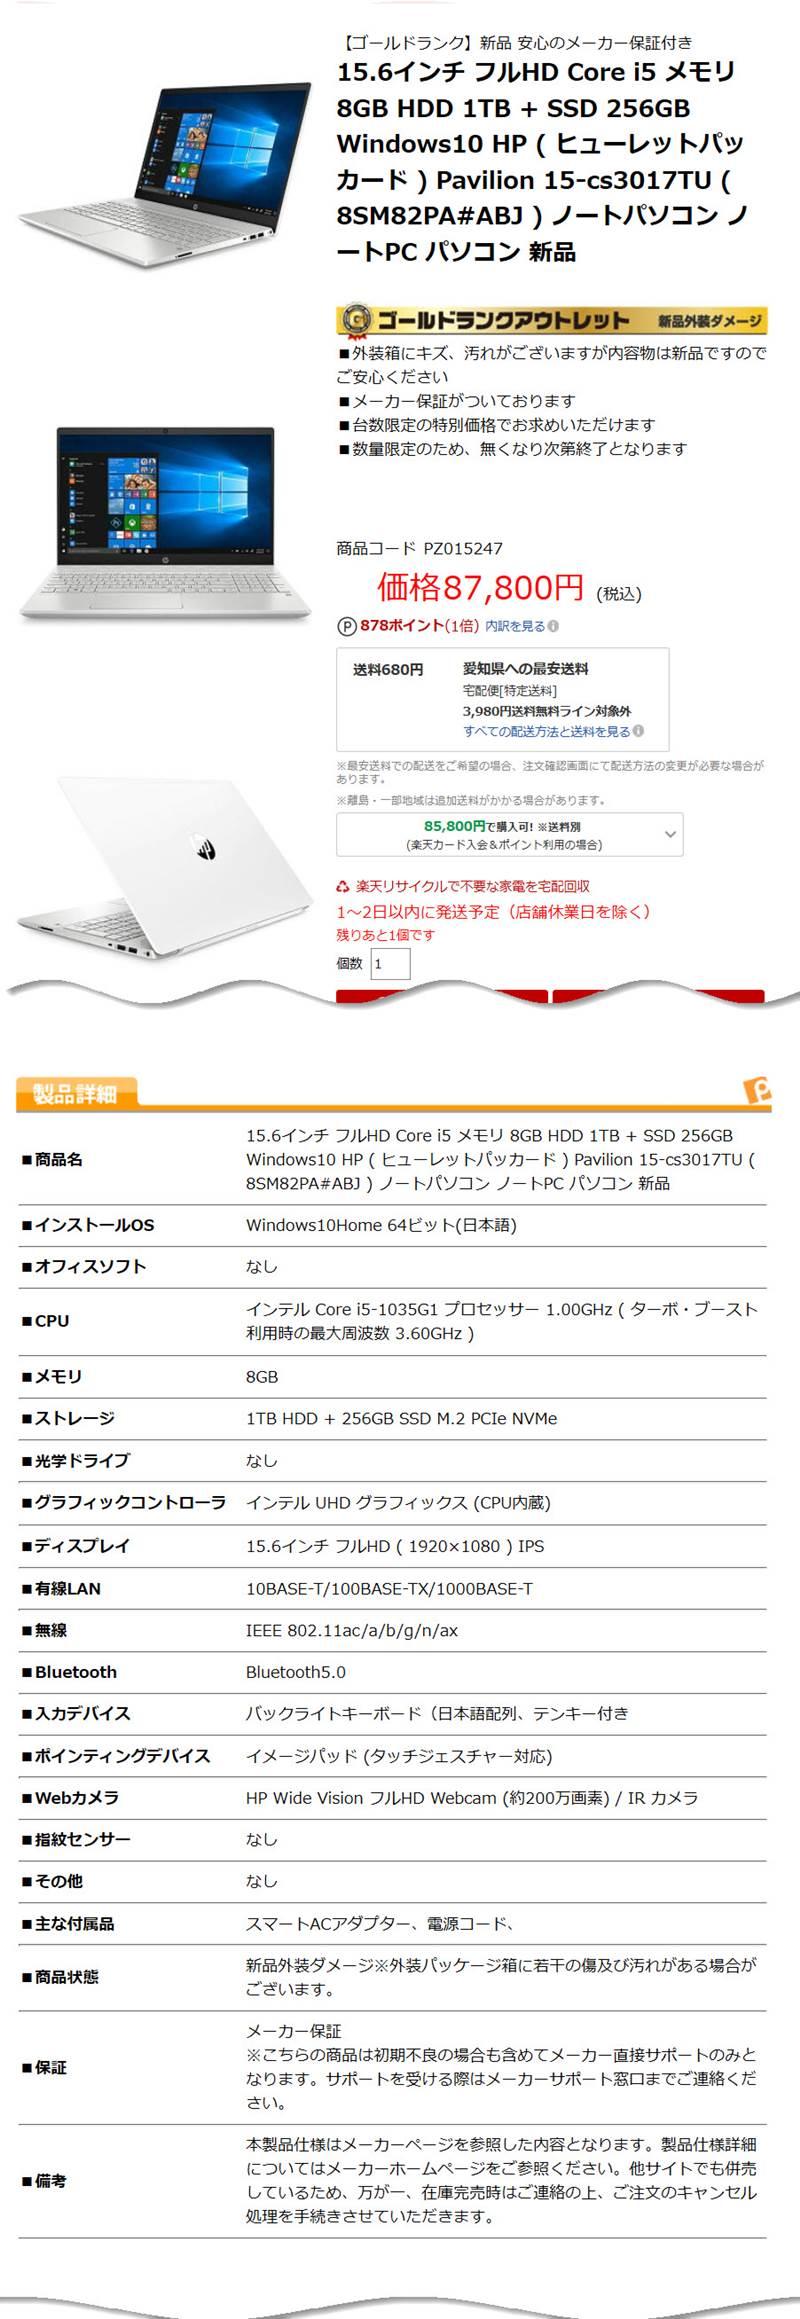 箱ダメージ品 Pavilion Core i5 が特価!